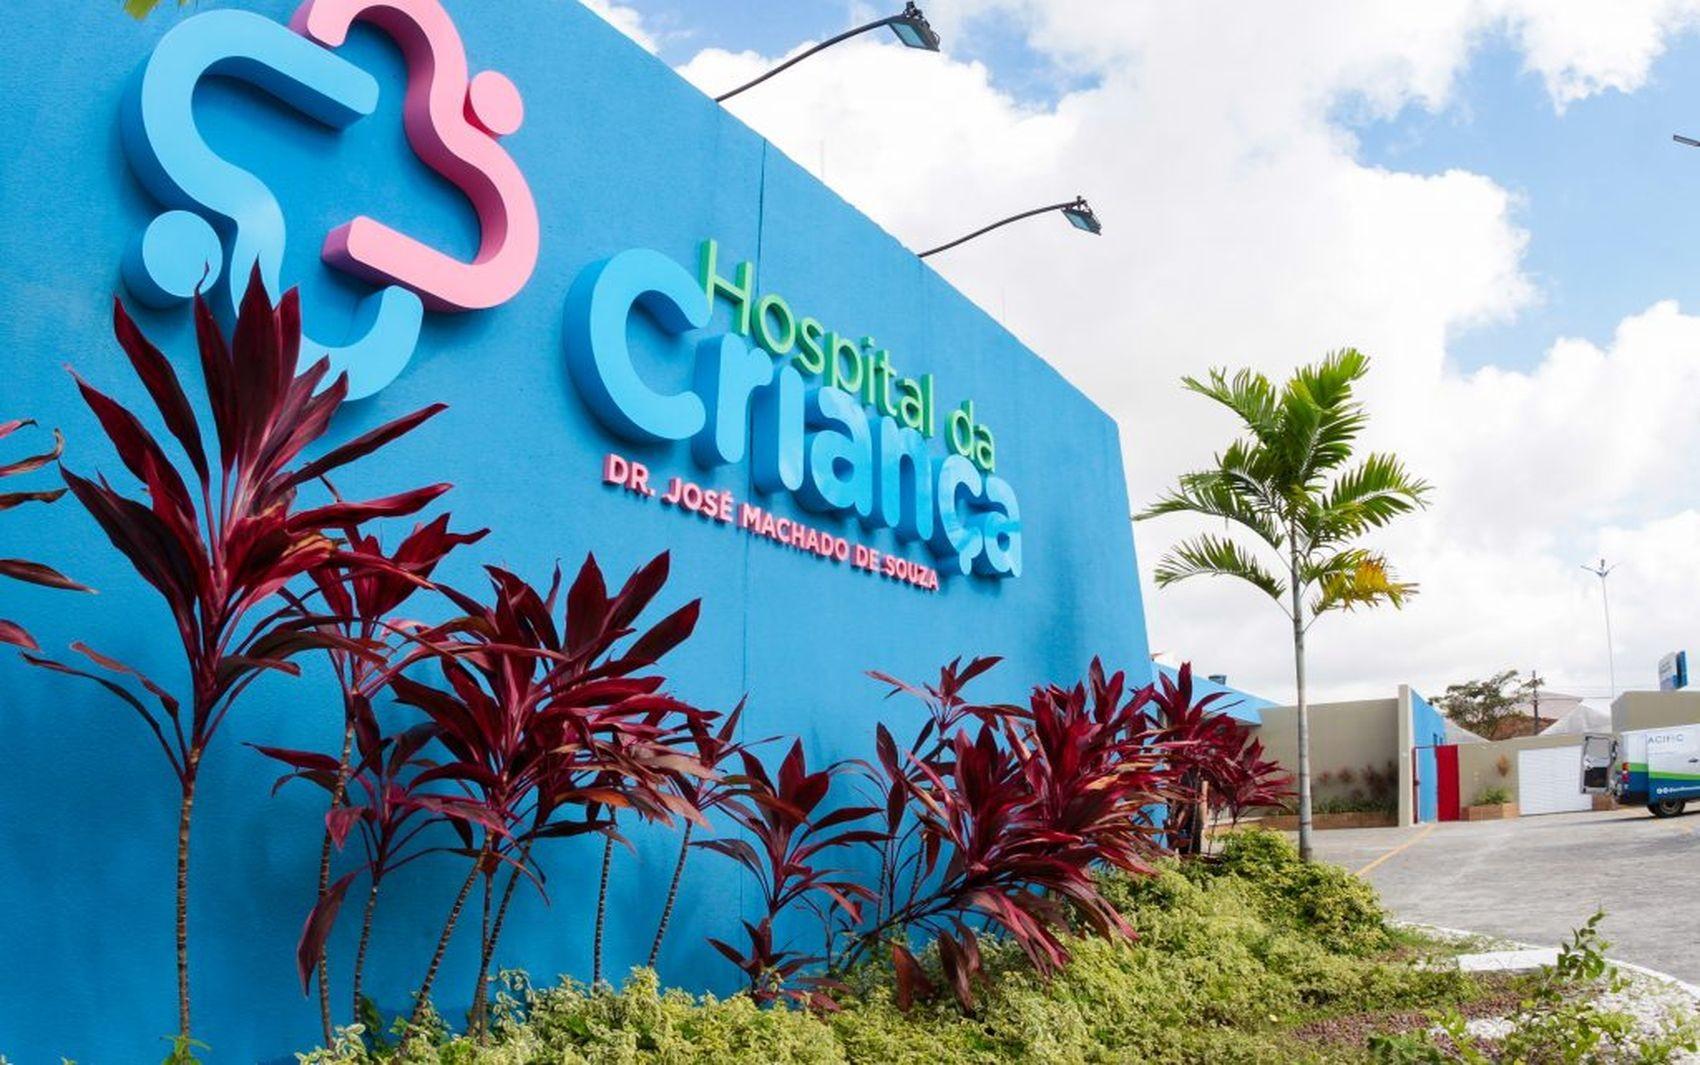 Atendimento no Hospital da Criança em Sergipe inicia em novembro